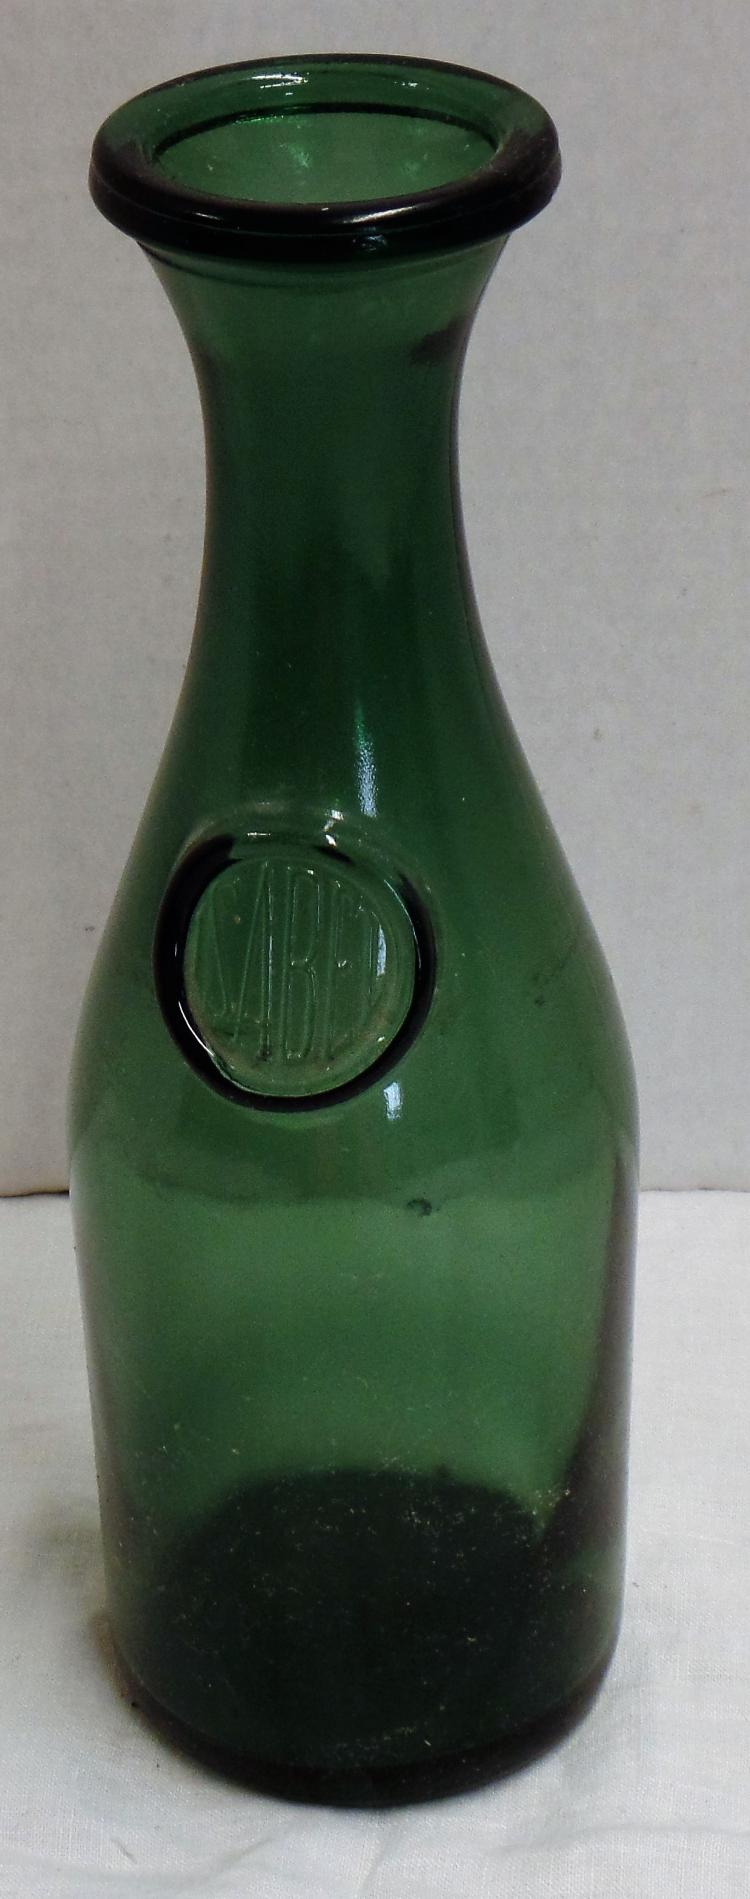 Vintage green glass isabel wine bottle decanter great for for Green glass wine bottles